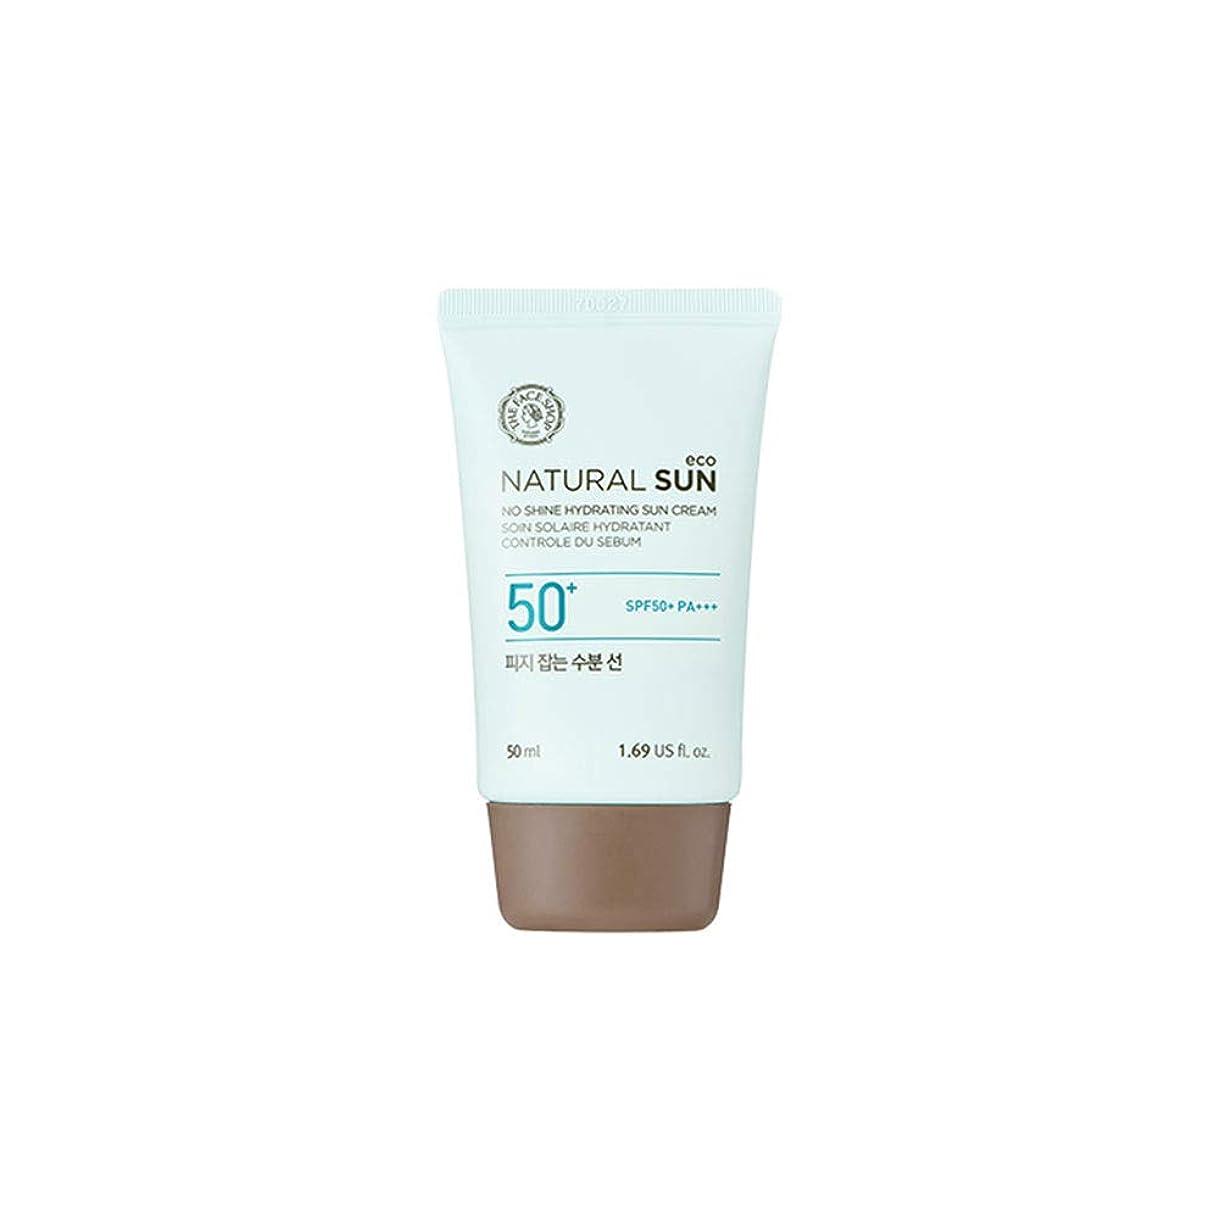 ダイエット温かい重さ[ザ?フェイスショップ] The Face Shop ナチュラルサン エコ ノーシャイン?ハイドレーティング?サン?クリーム SPF40 PA+++ The Face Shop Natural Sun Eco No Shine Hydrating Sun Cream SPF40PA+++50ml [海外直送品]